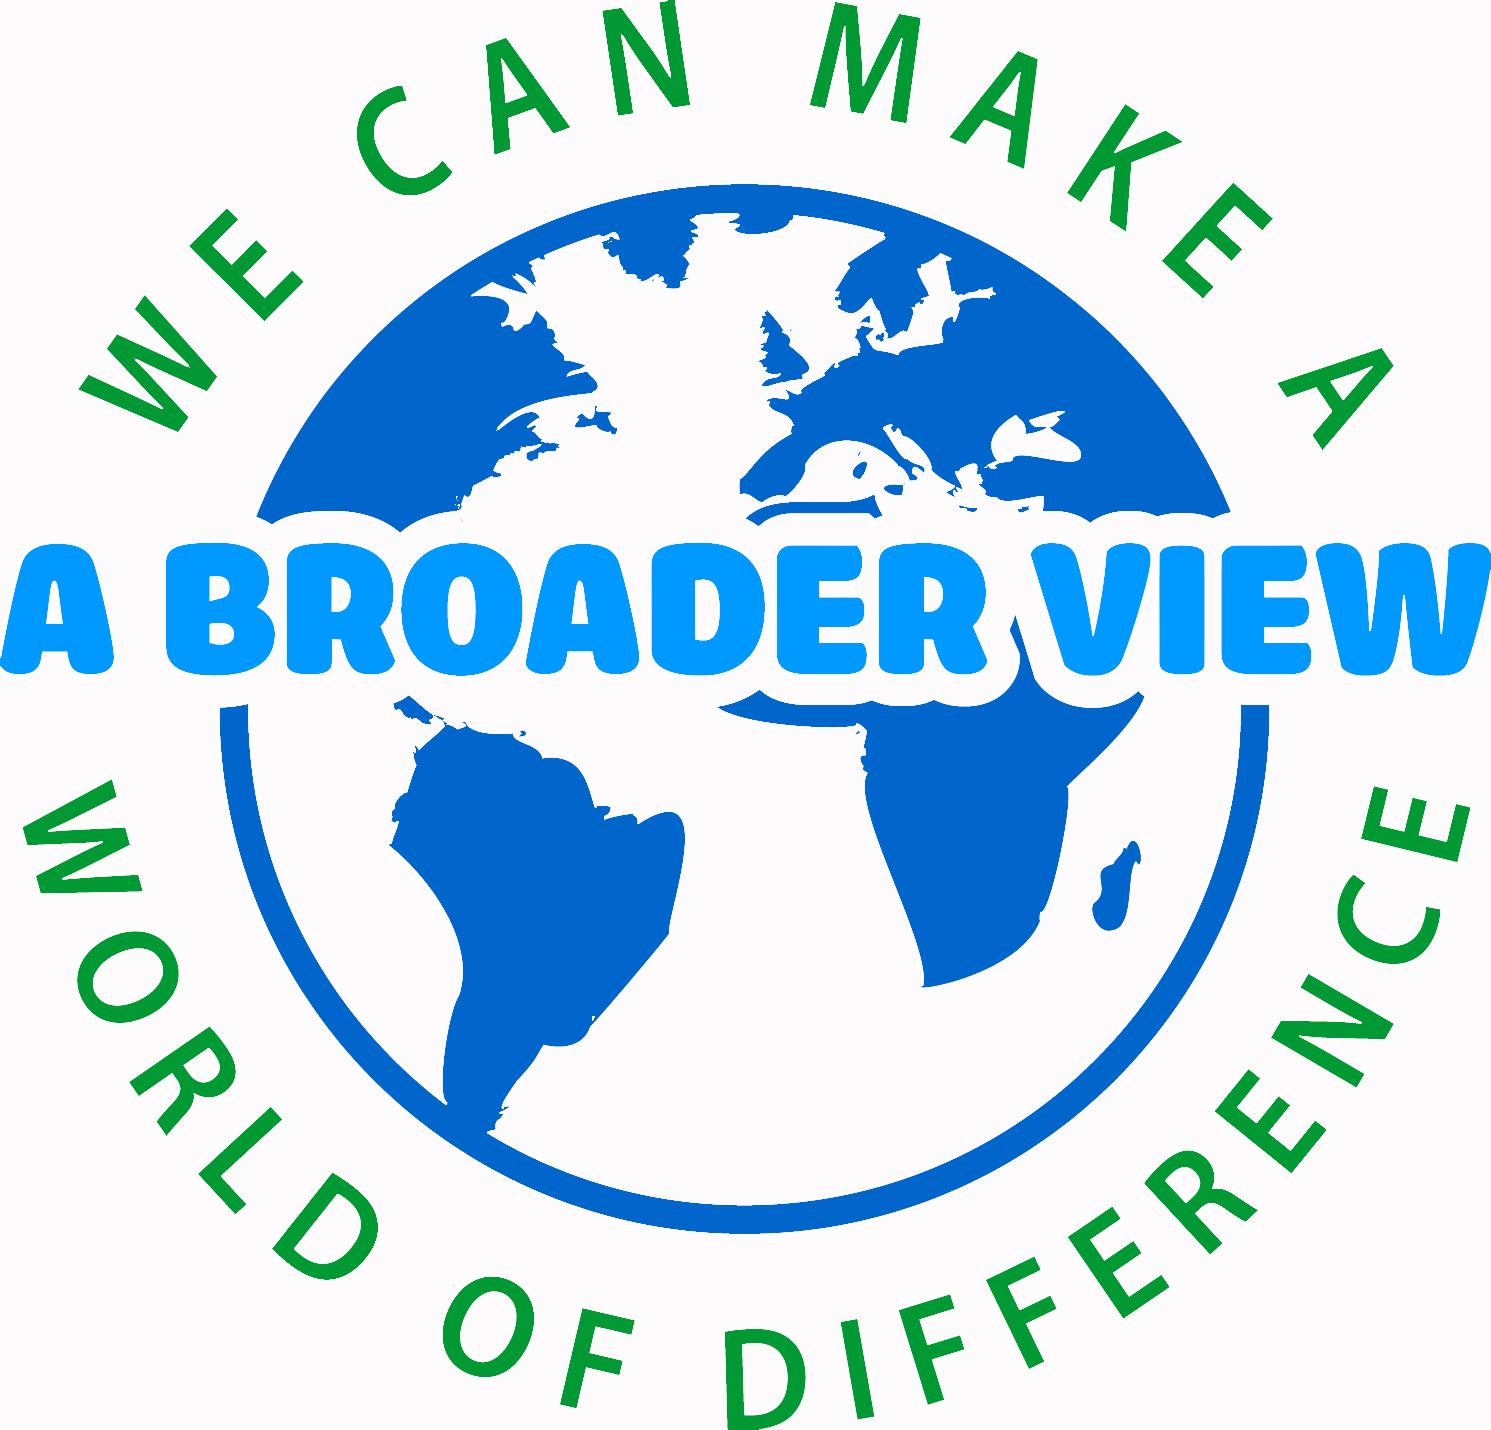 Volunteer in Honduras with A Broader View Volunteers